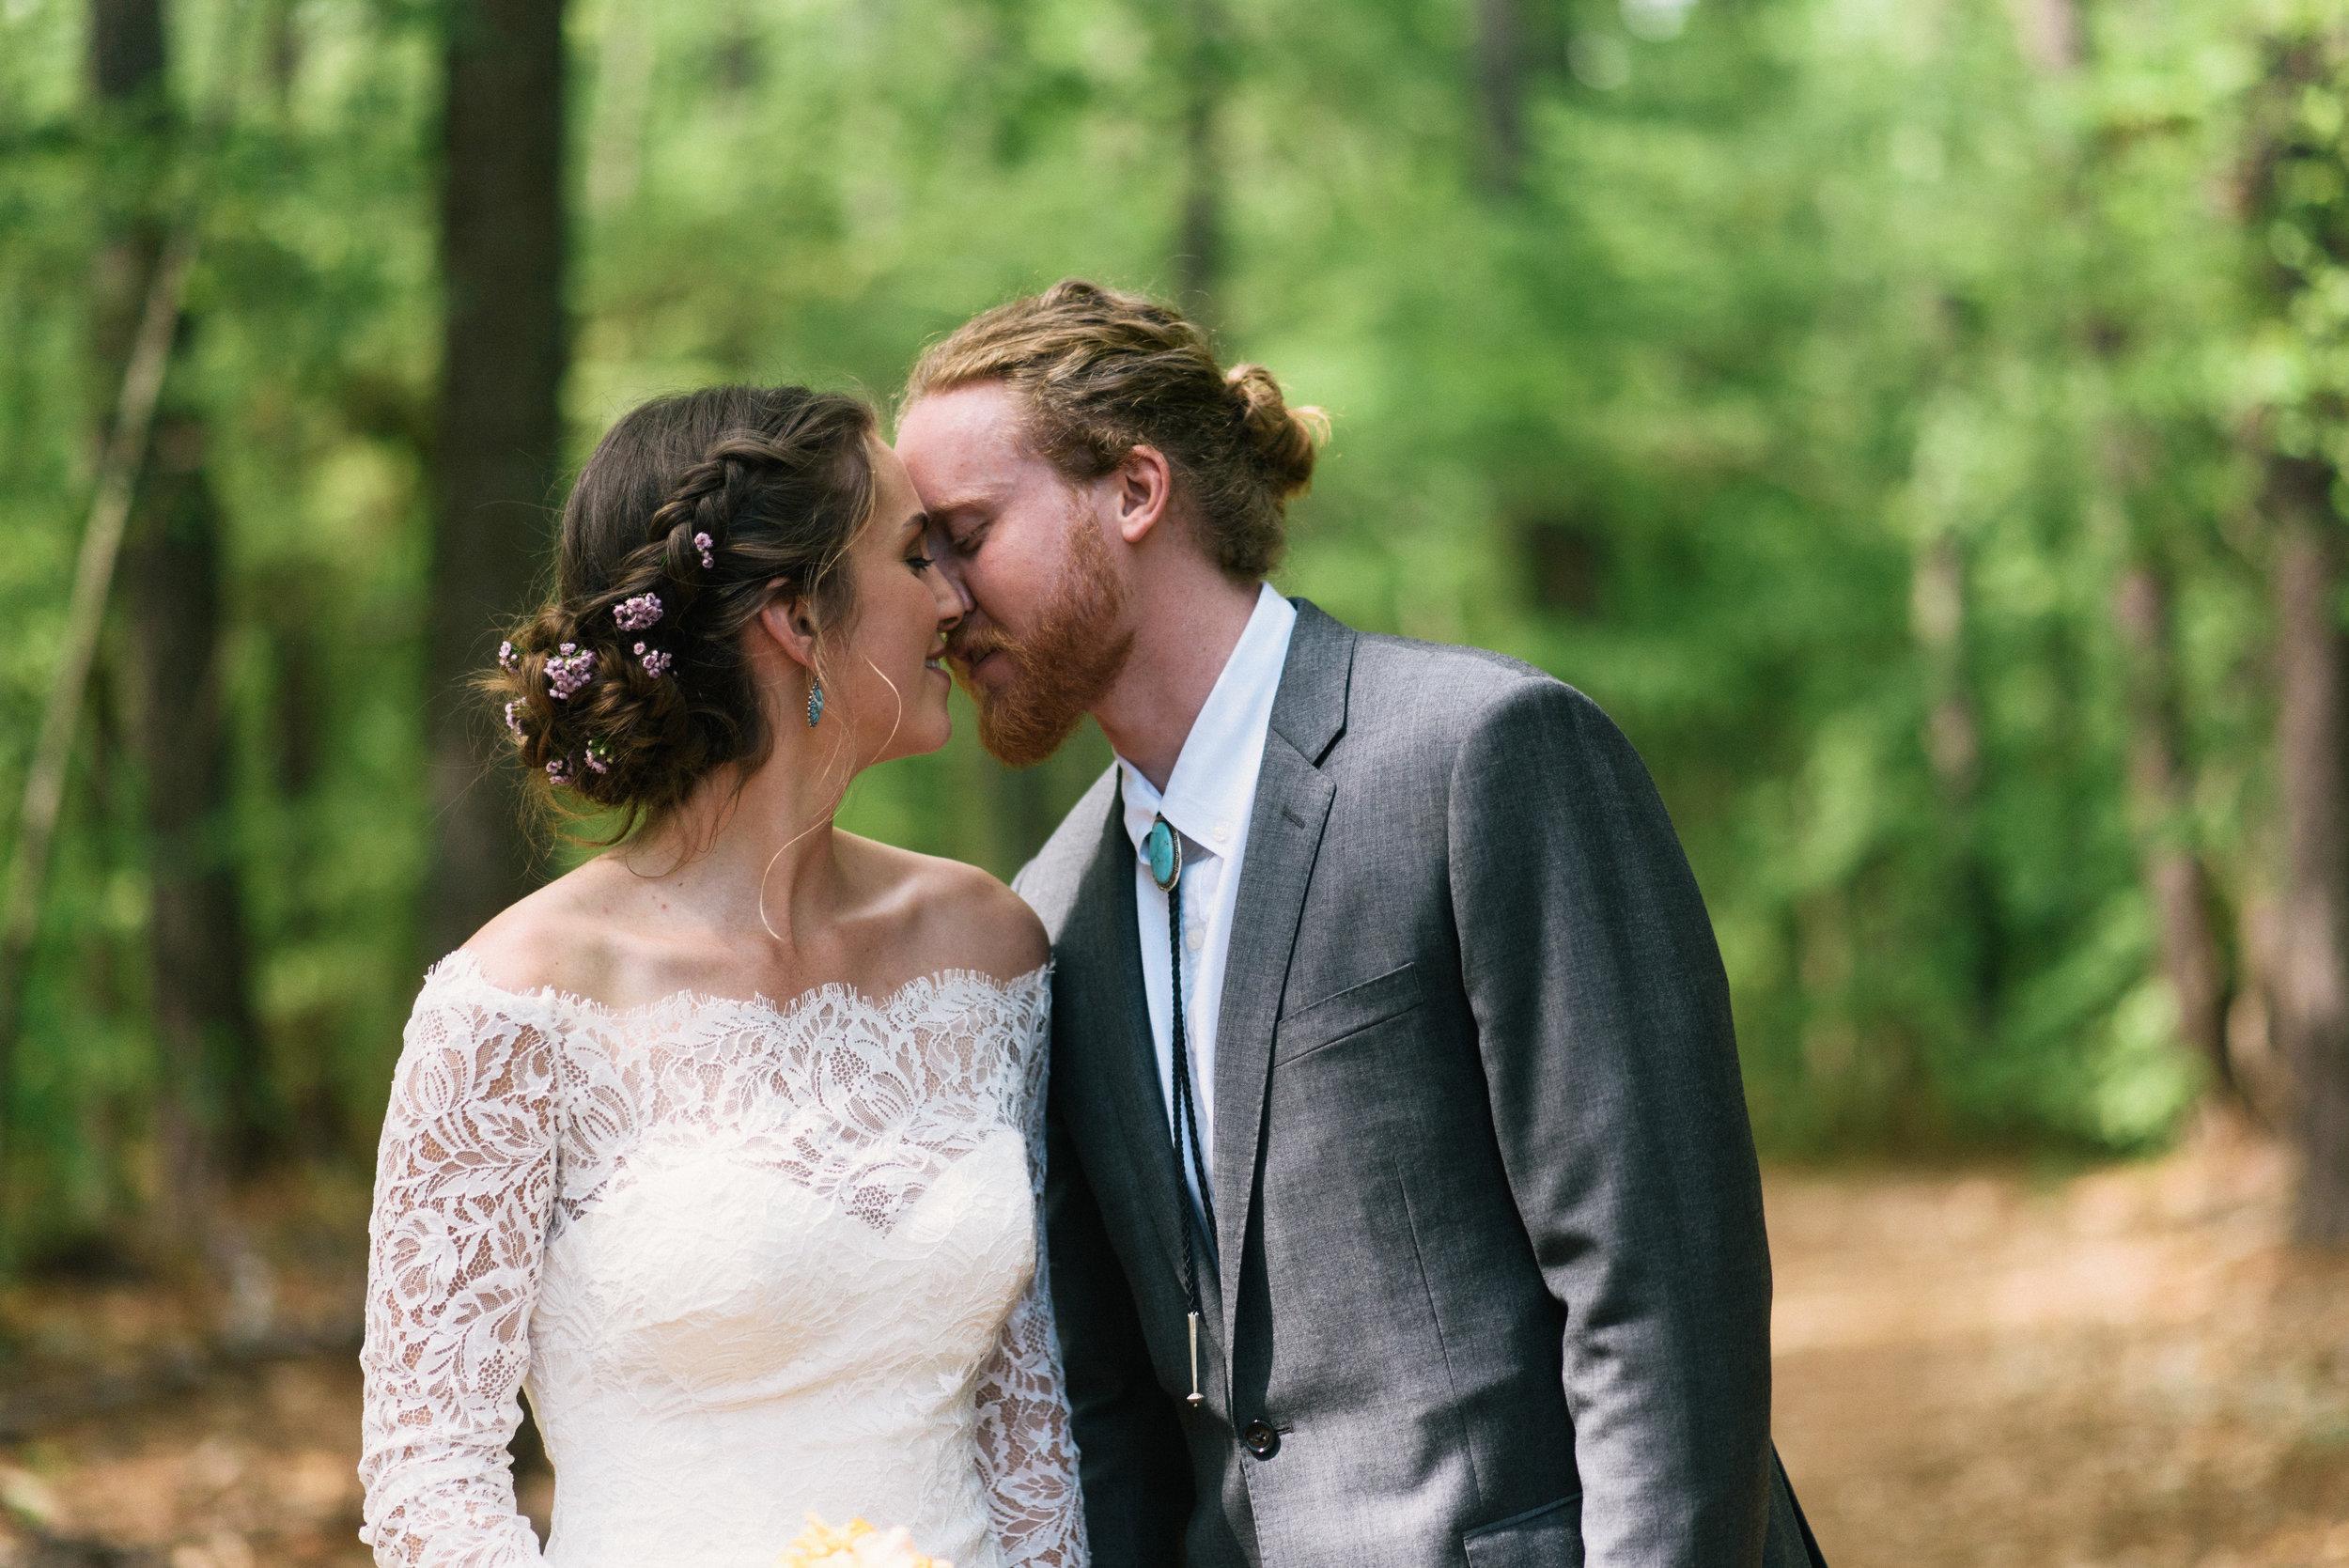 raleigh-elopement-photographer-raleigh-durham-wedding-maddie-and-devin- (32 of 162).jpg